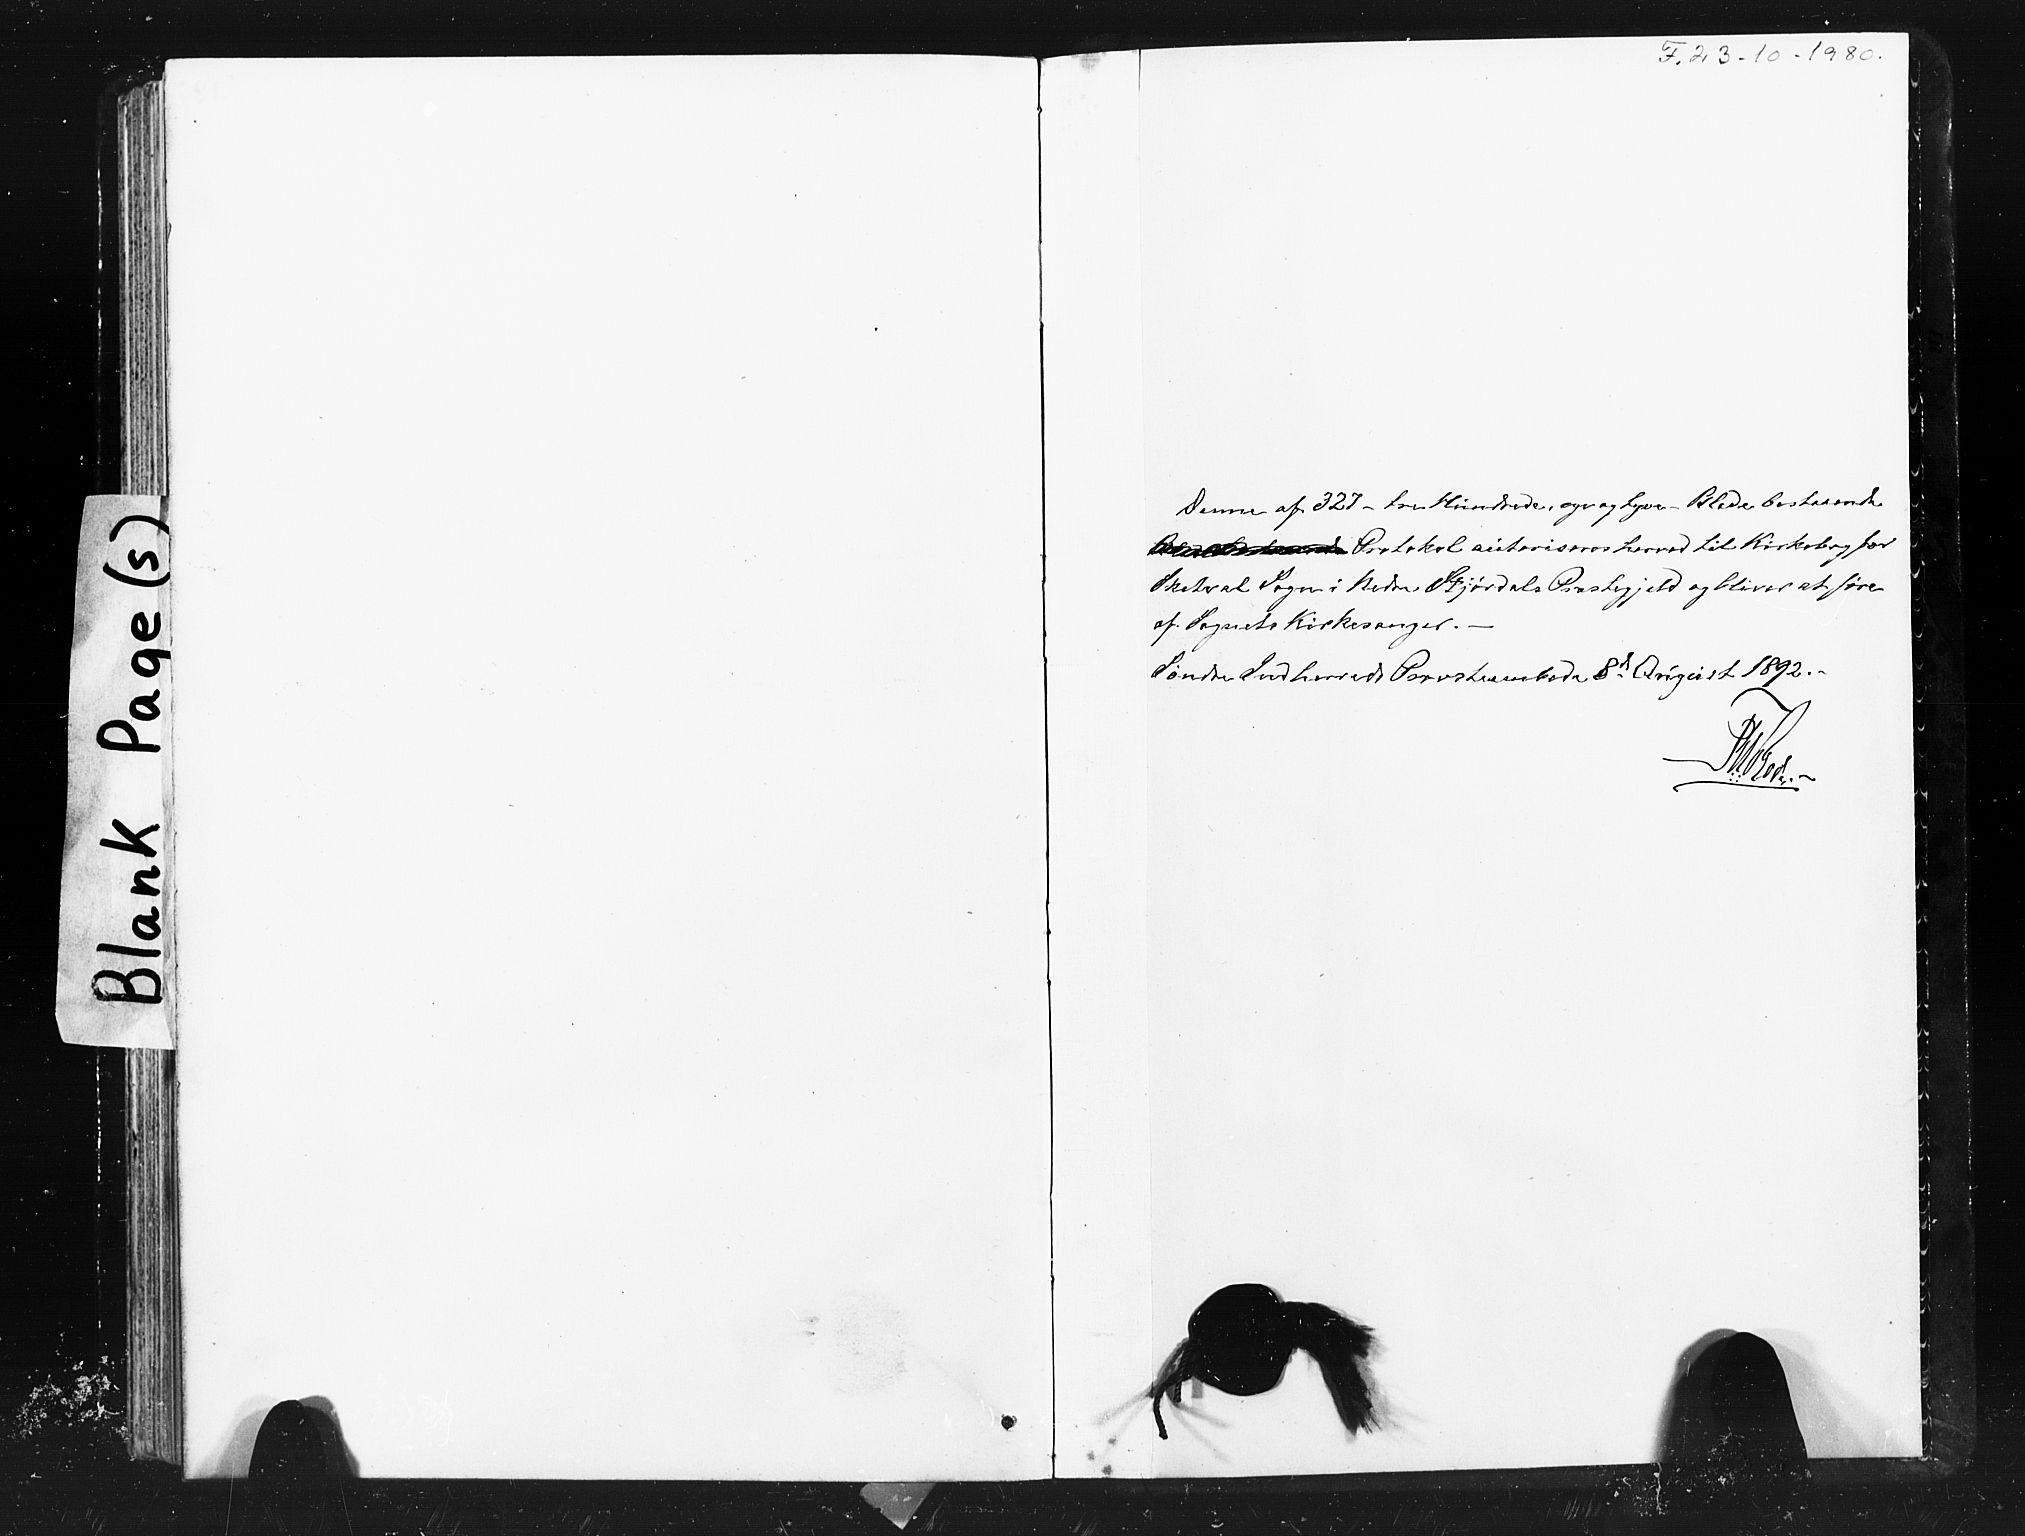 SAT, Ministerialprotokoller, klokkerbøker og fødselsregistre - Nord-Trøndelag, 712/L0103: Klokkerbok nr. 712C01, 1878-1917, s. 317